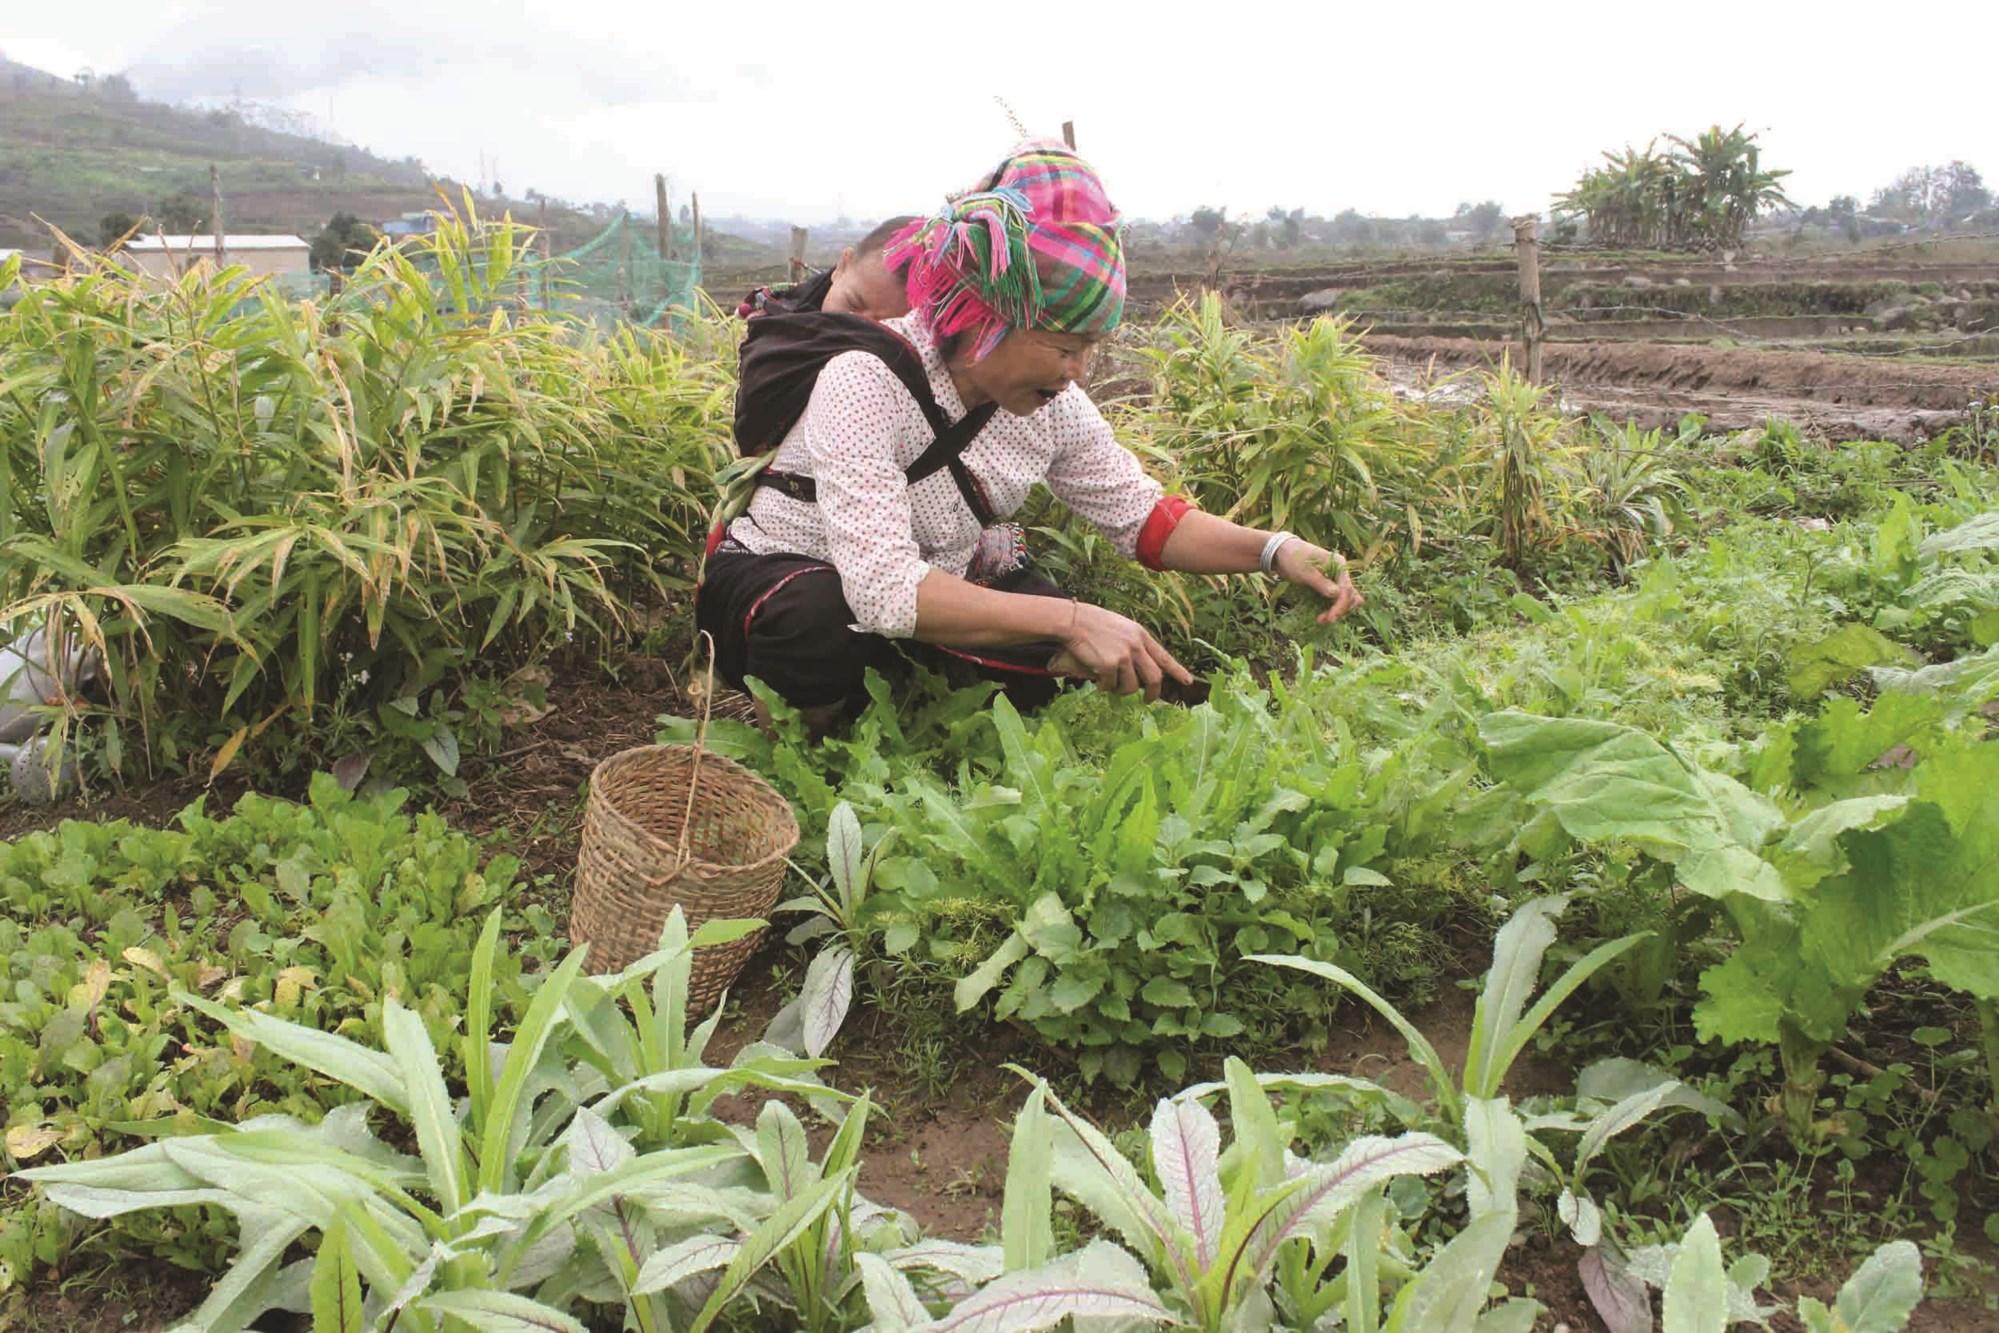 Sinh kế chính của phụ nữ DTTS vẫn là sản xuất nông nghiệp. (Ảnh minh họa)